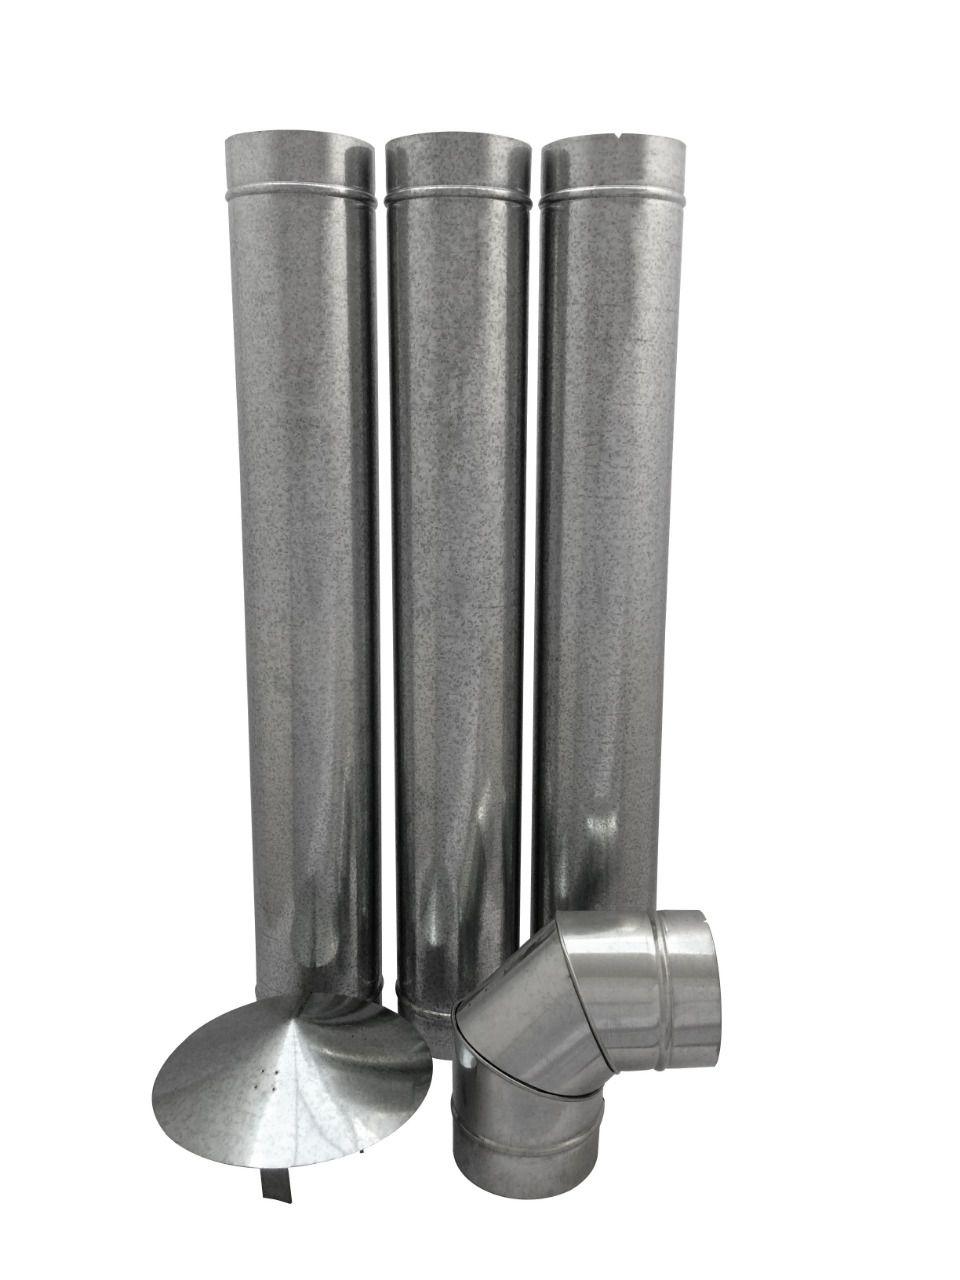 Chamine de 115 mm galvanizada com curva e chapéu para forno  - Galvocalhas